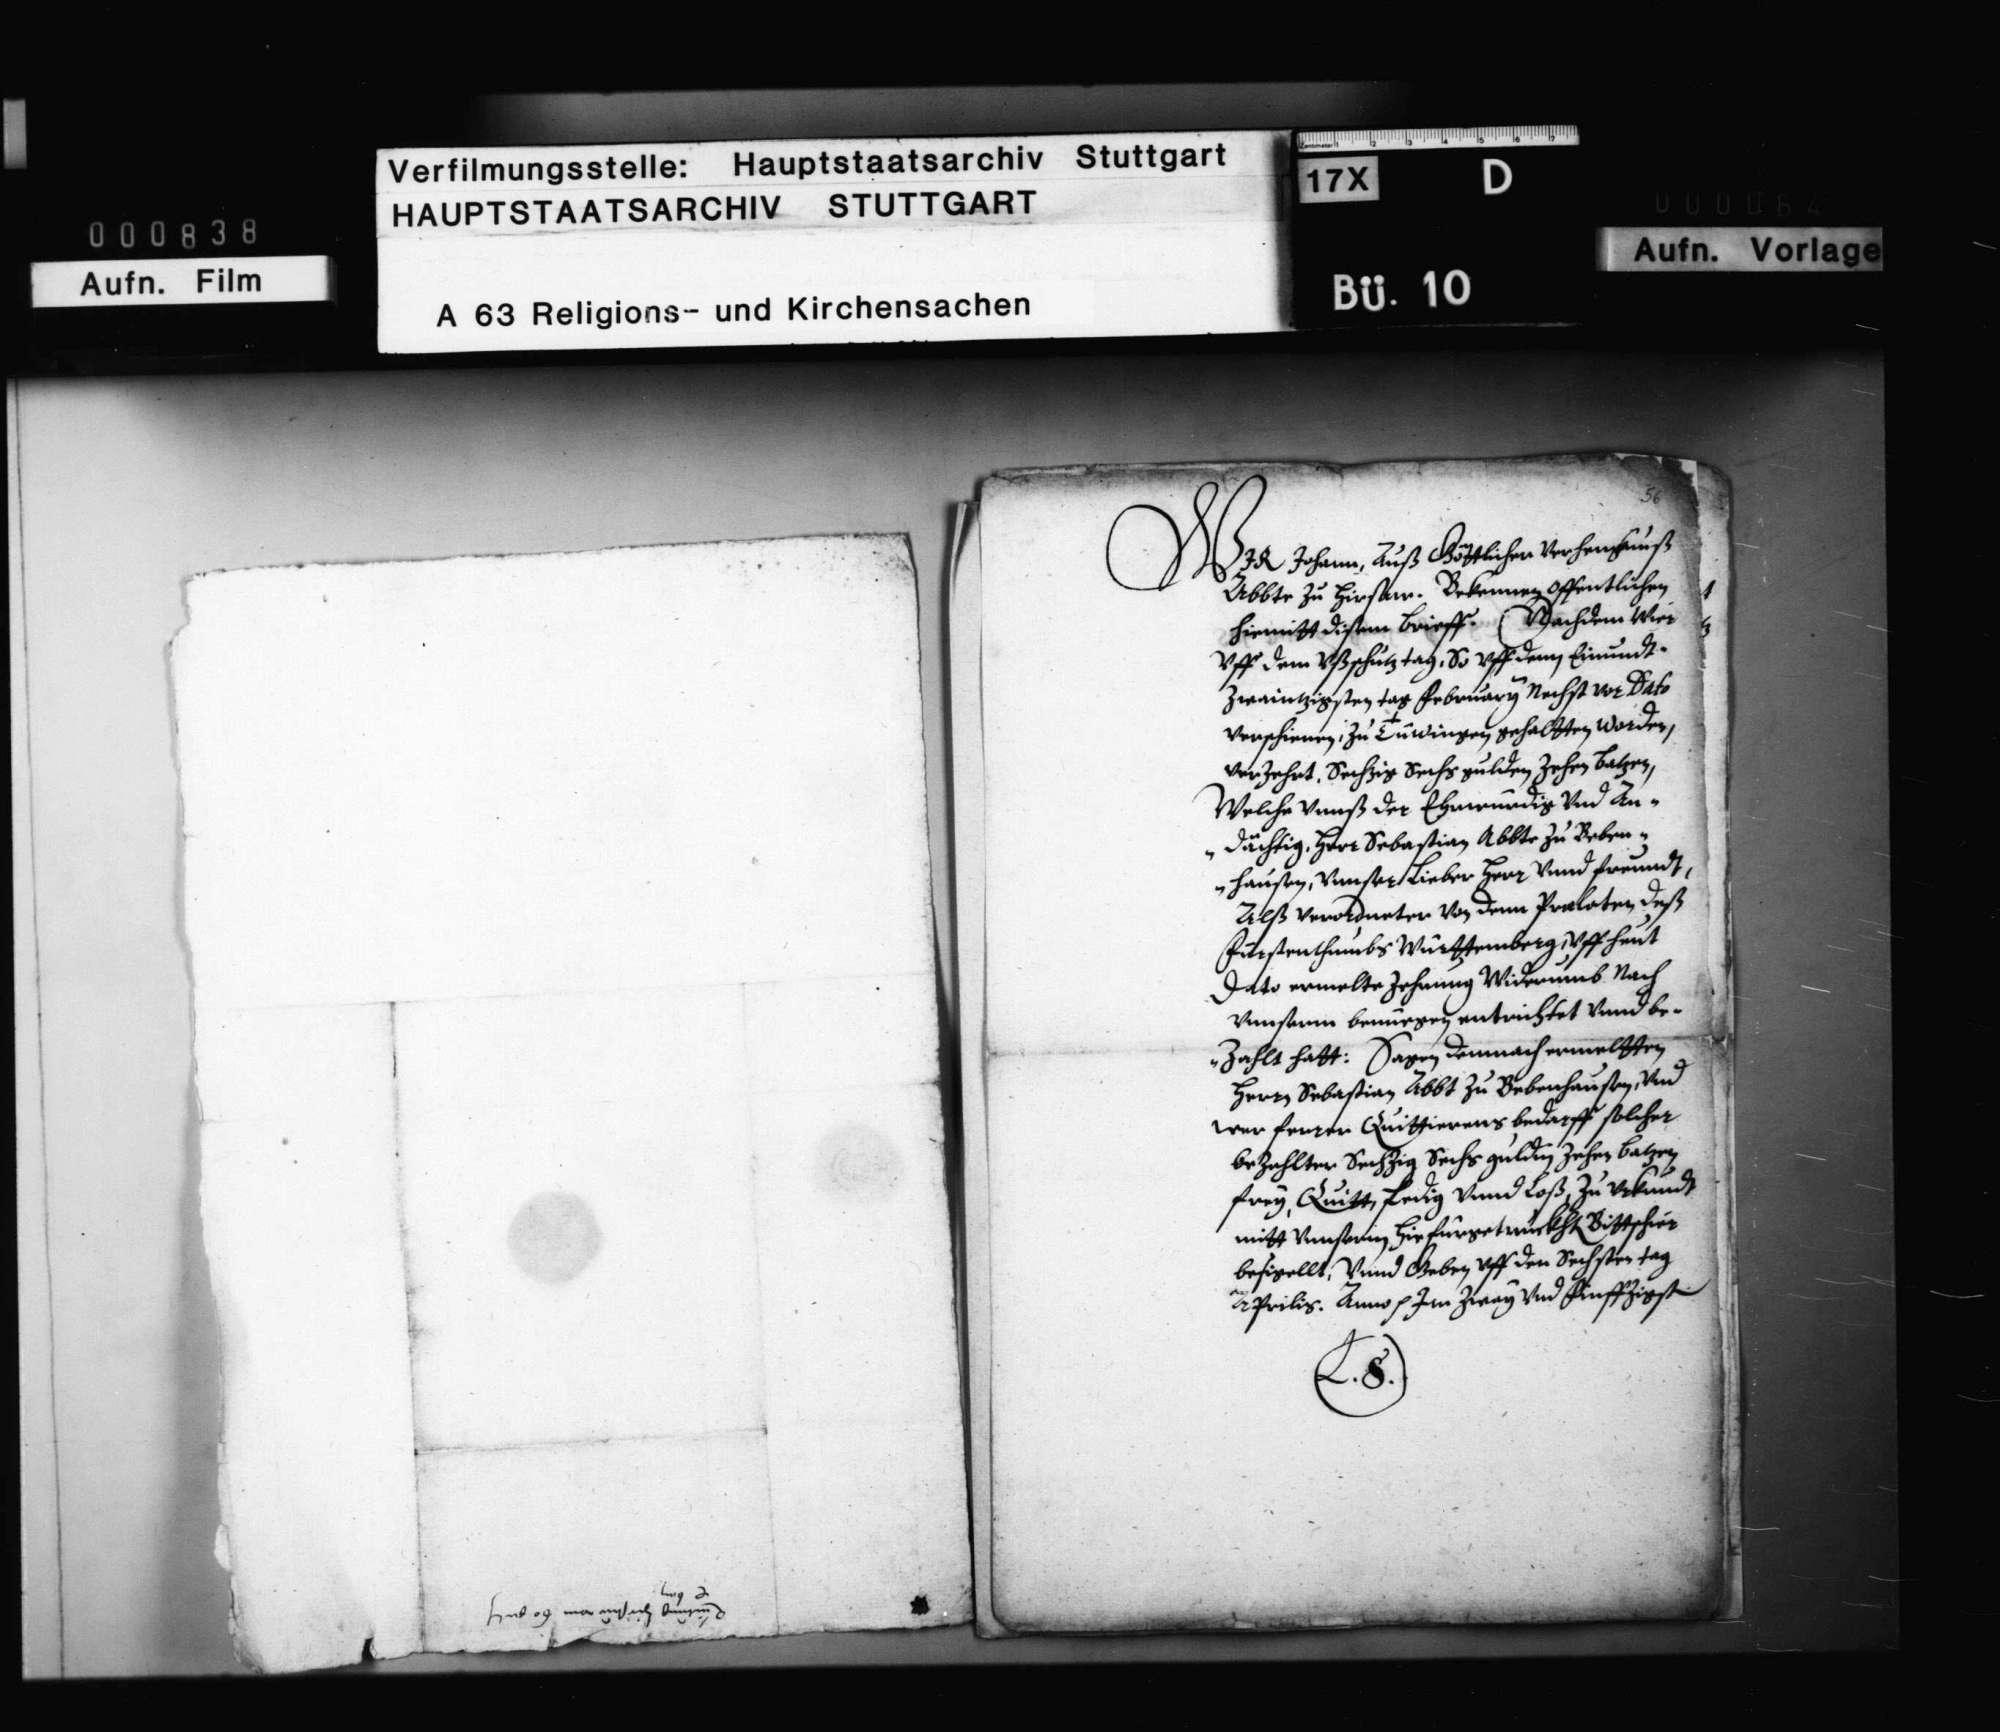 Quittungen der Äbte von Hirsau und Murrhardt über Zehrungsgelder beim Ausschusstag in Tübingen, ausbezahlt von Abt Sebastian Lutz von Bebenhausen als Verordneter der Prälaten des Fürstentums., Bild 3